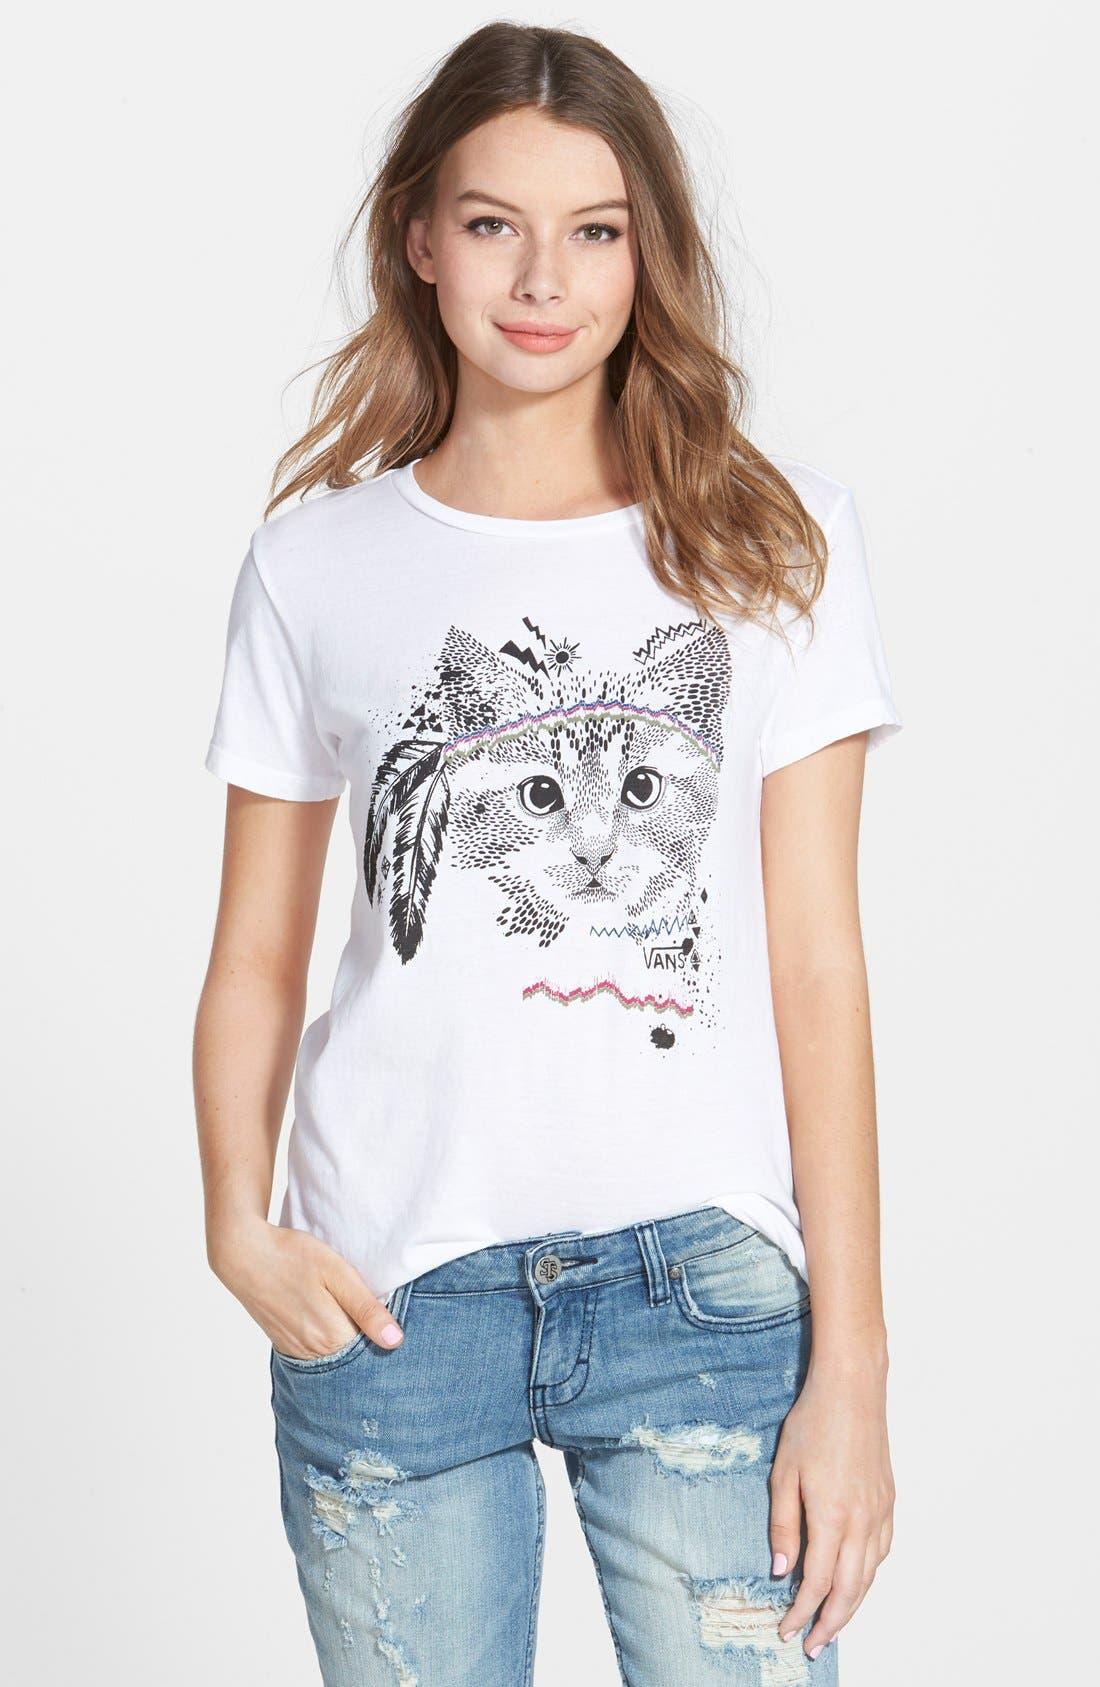 Alternate Image 1 Selected - Vans Cat Graphic Tee (Juniors)